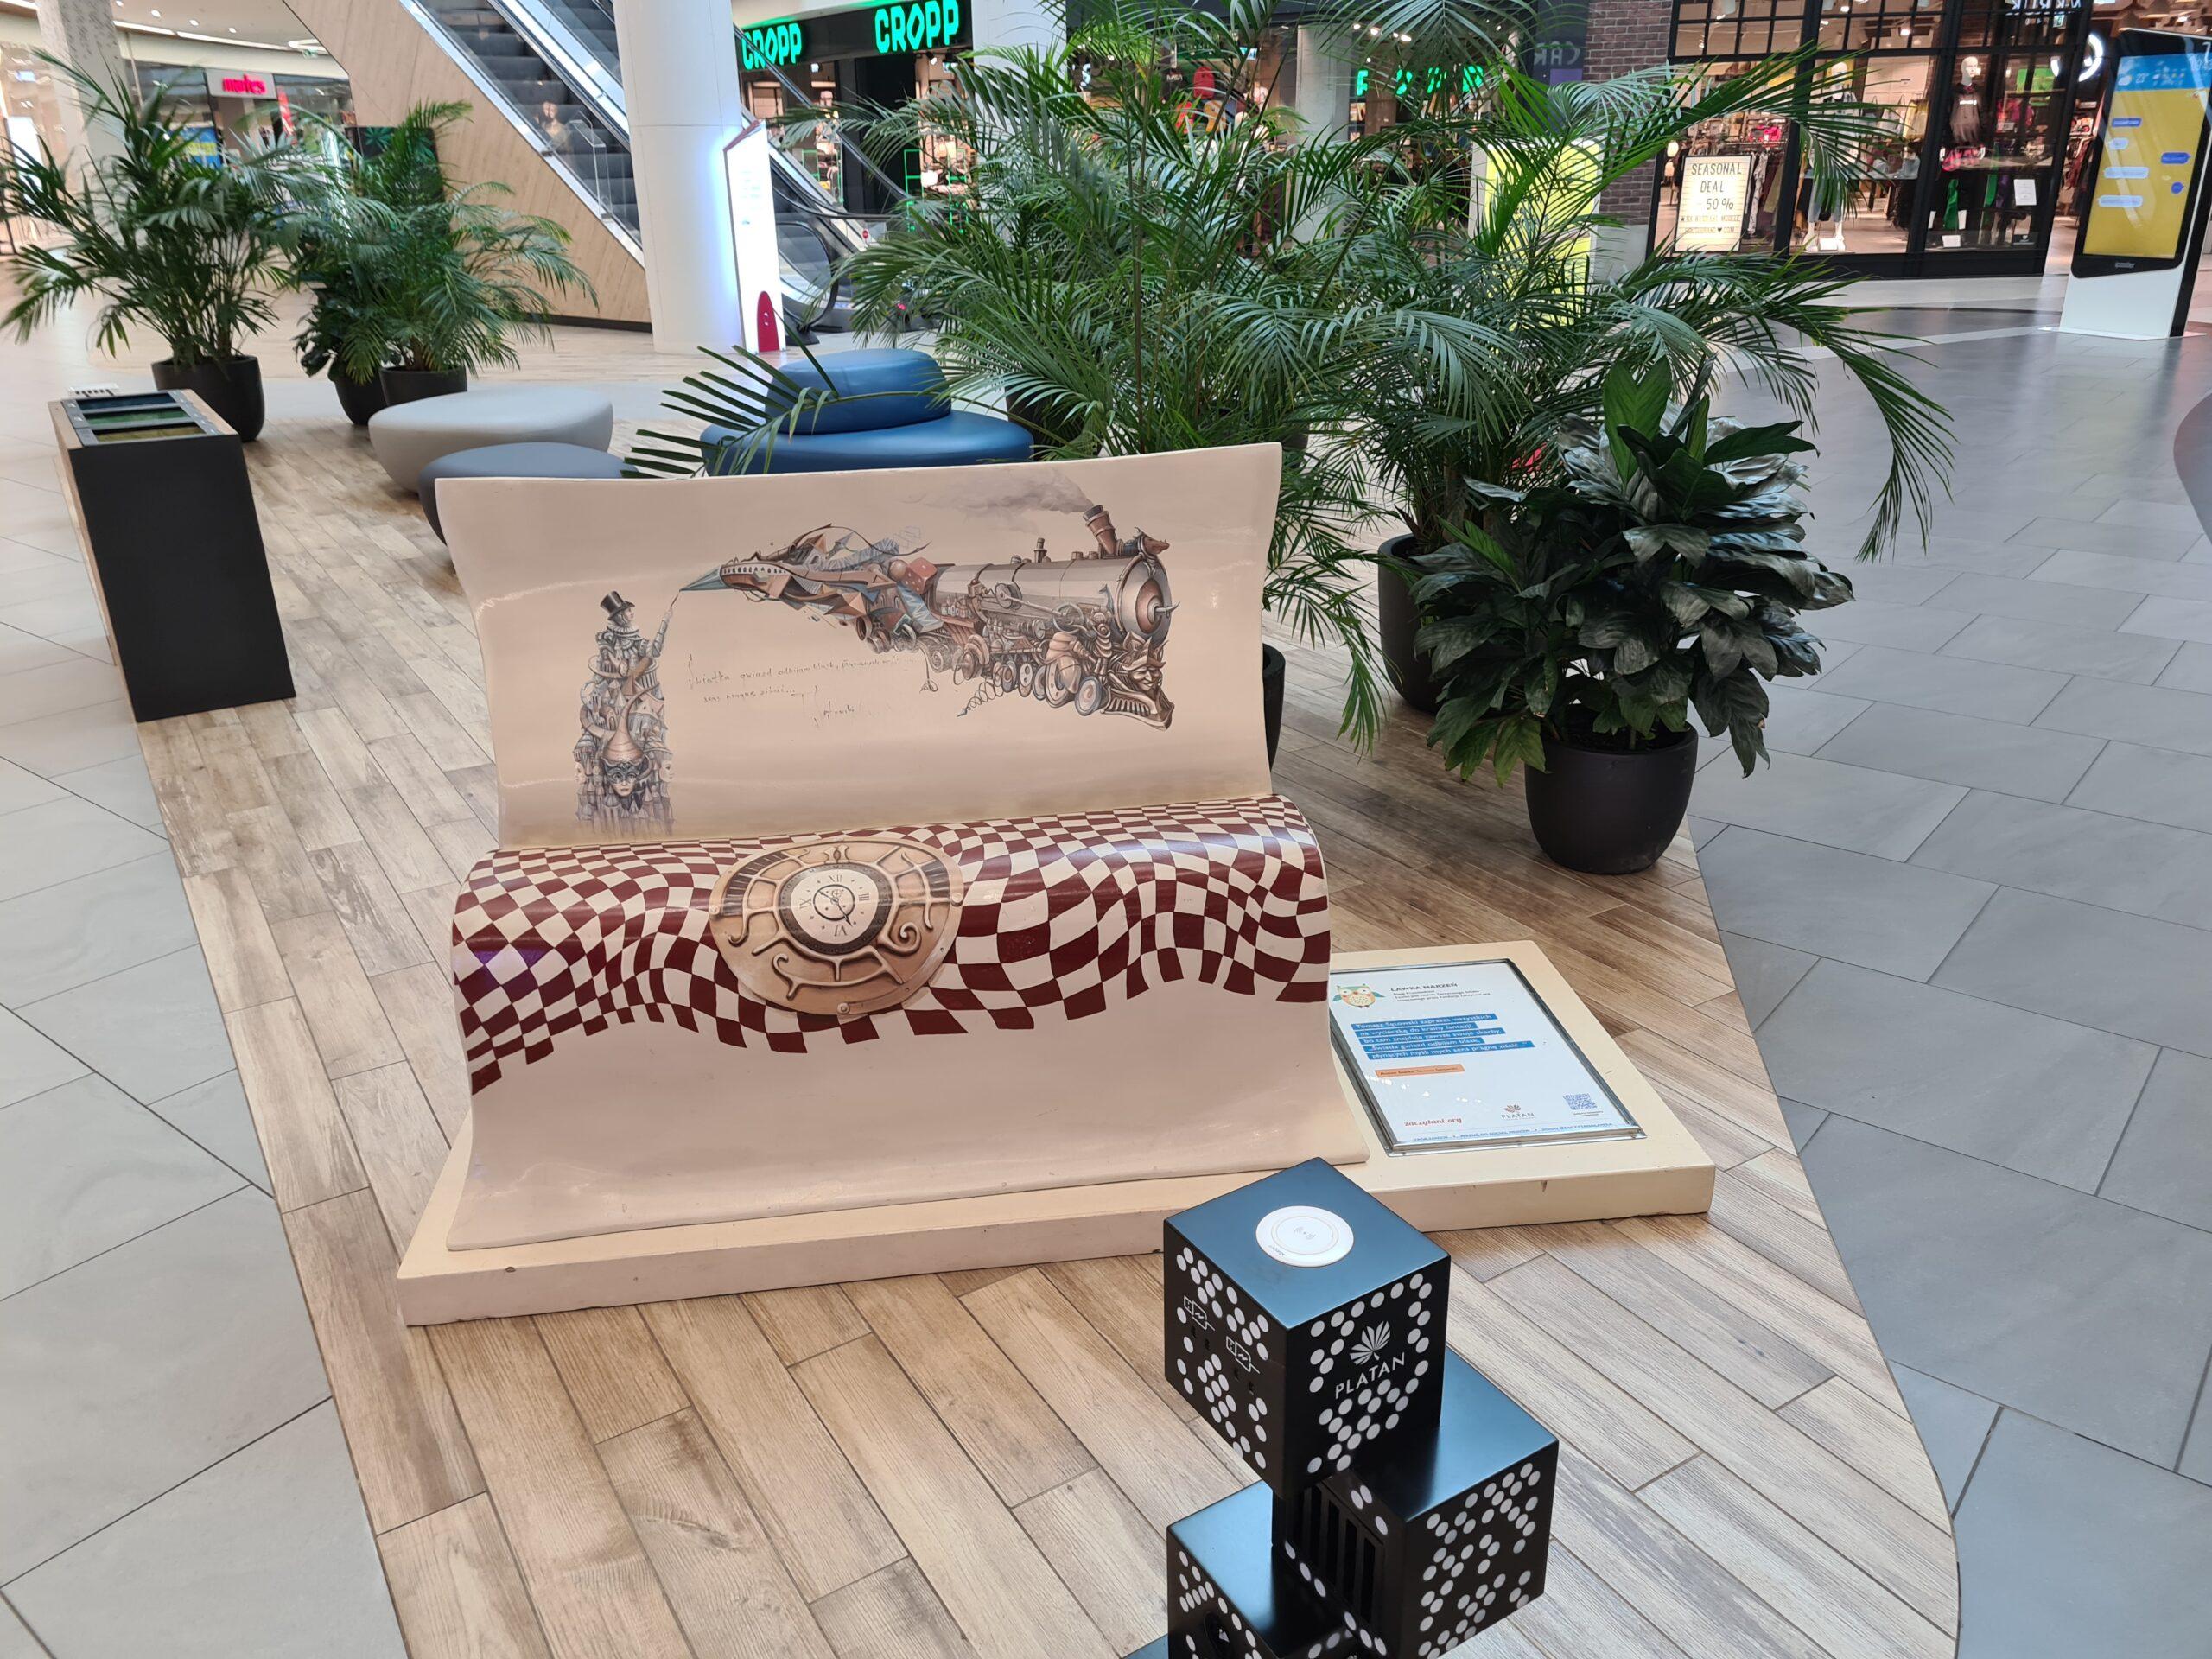 Zaczytana Wystawa i bookcrossing w CH Platan w Zabrzu